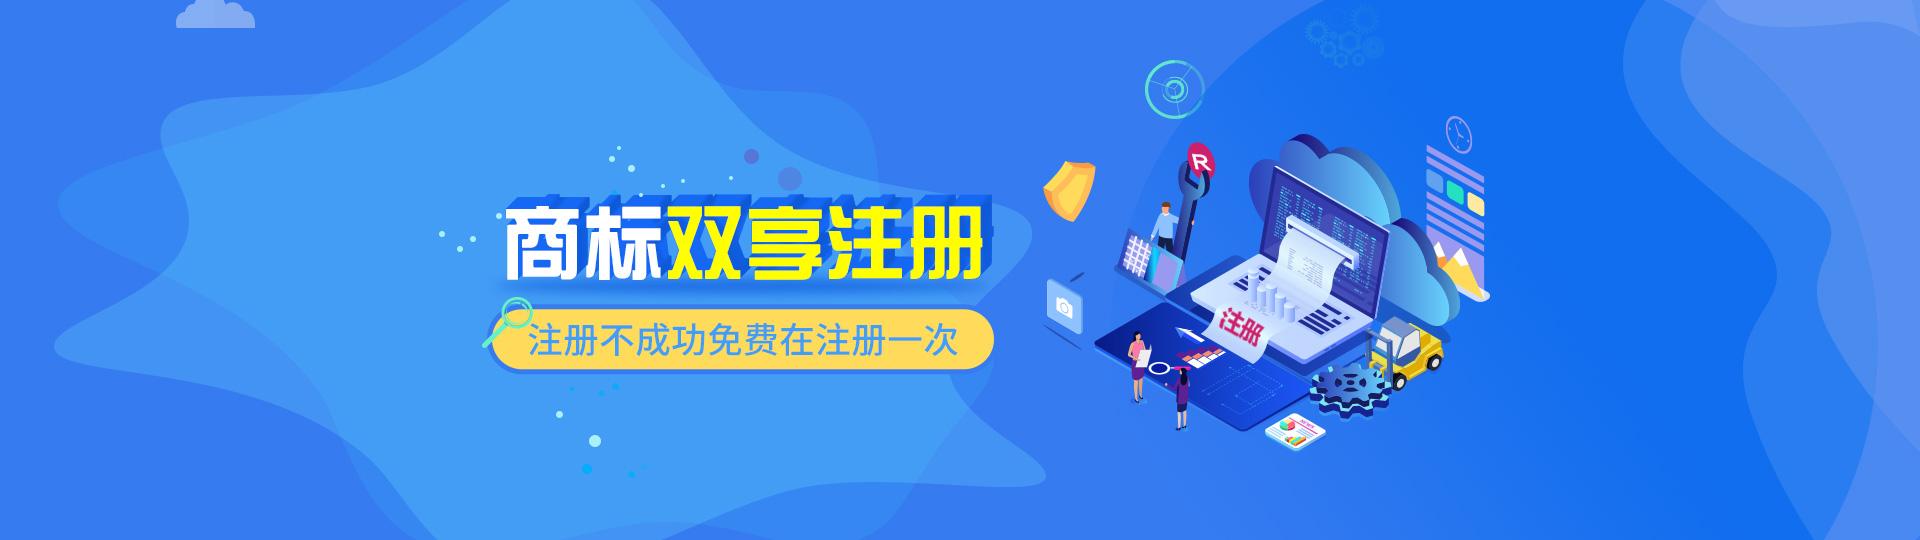 商标注册_免费商标查询_中国商标网_一品标局